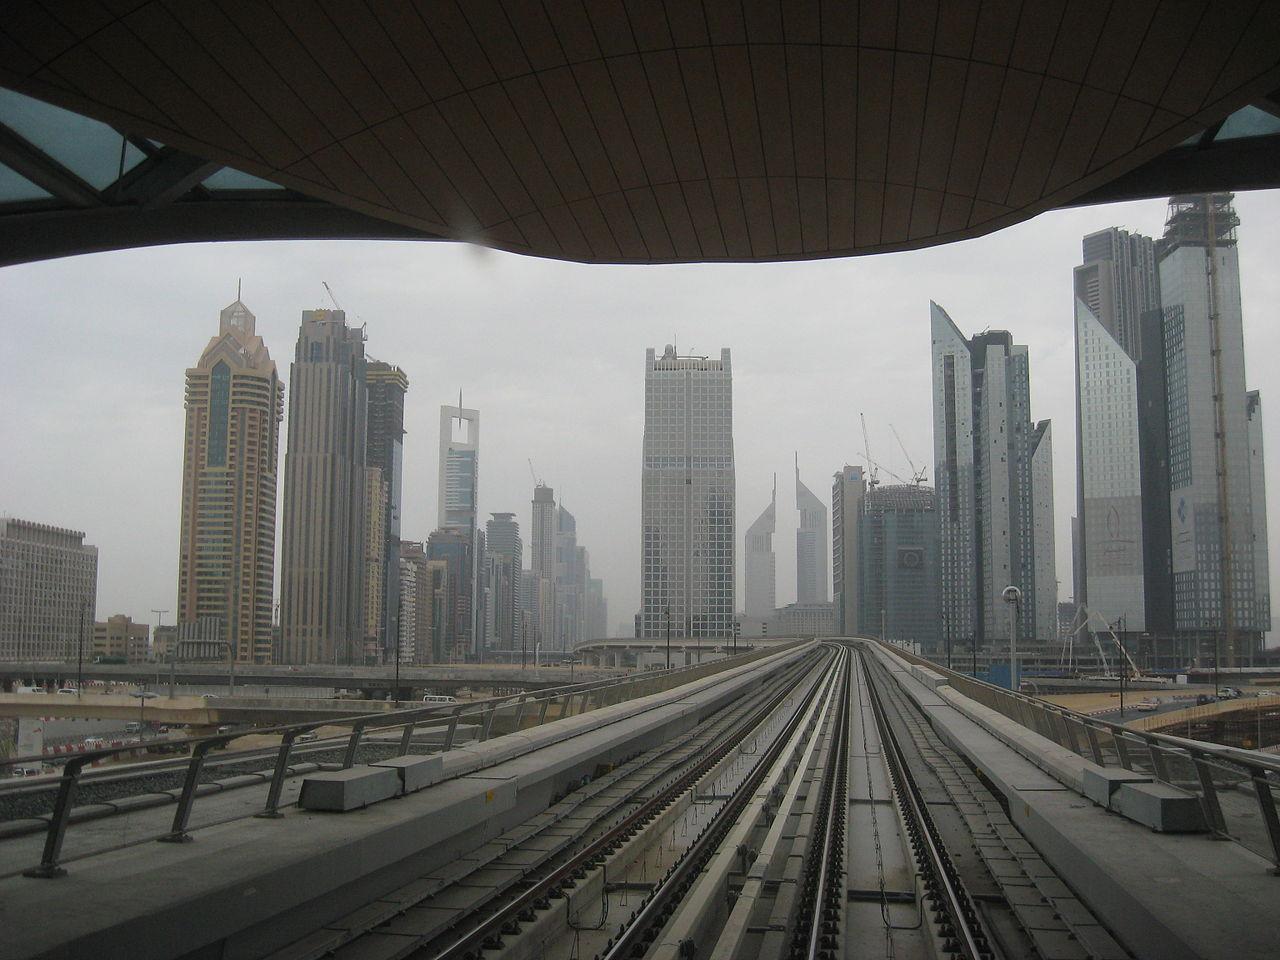 مترو دبى - dubai metro (105)